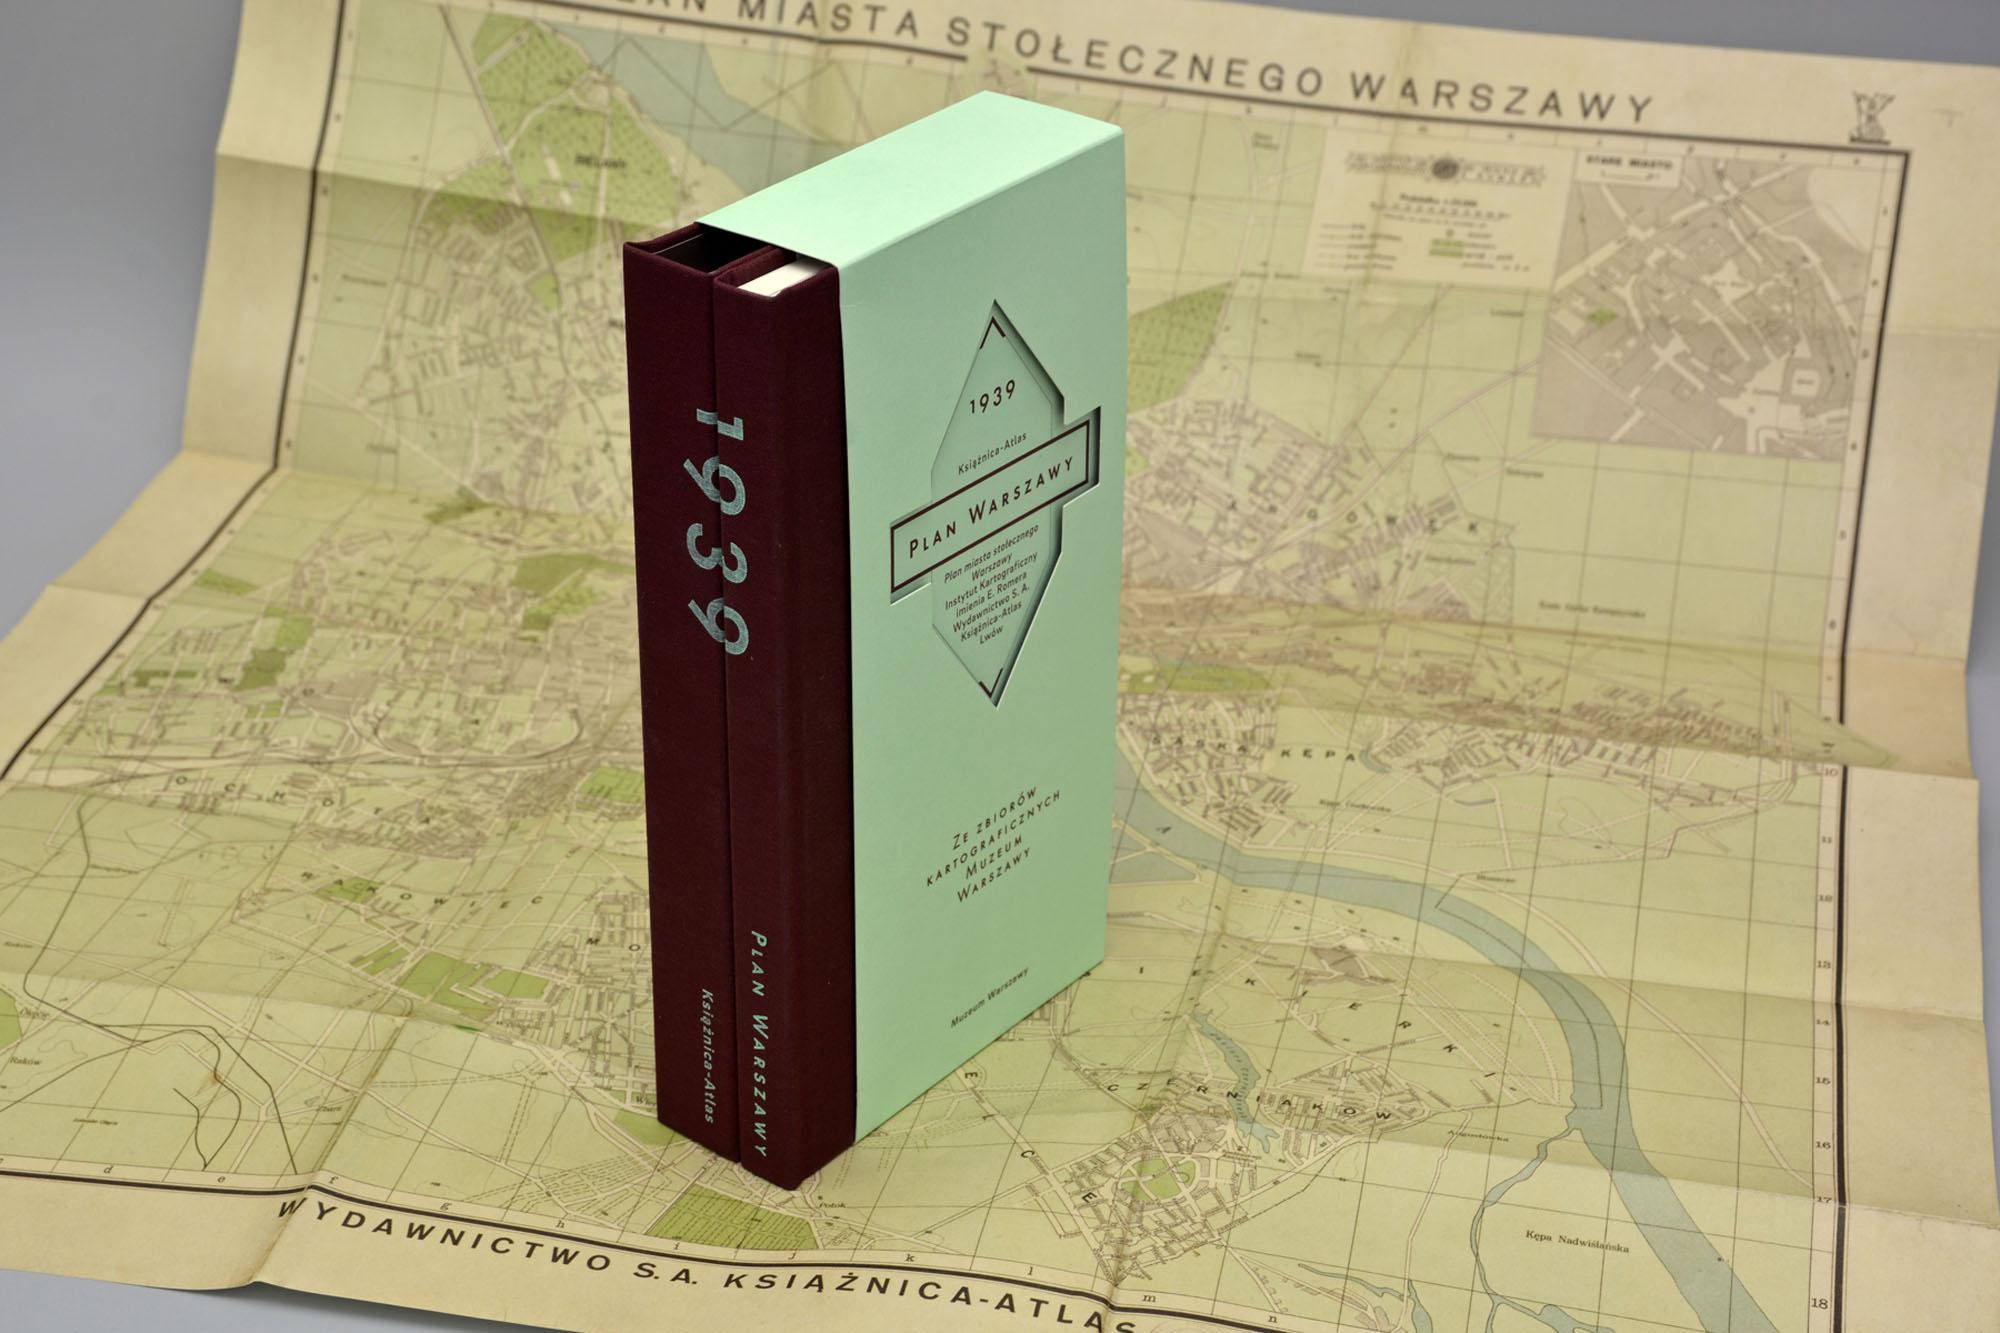 Plan Miasta Stołecznego Warszawy Książnicy-Atlas z 1939 roku